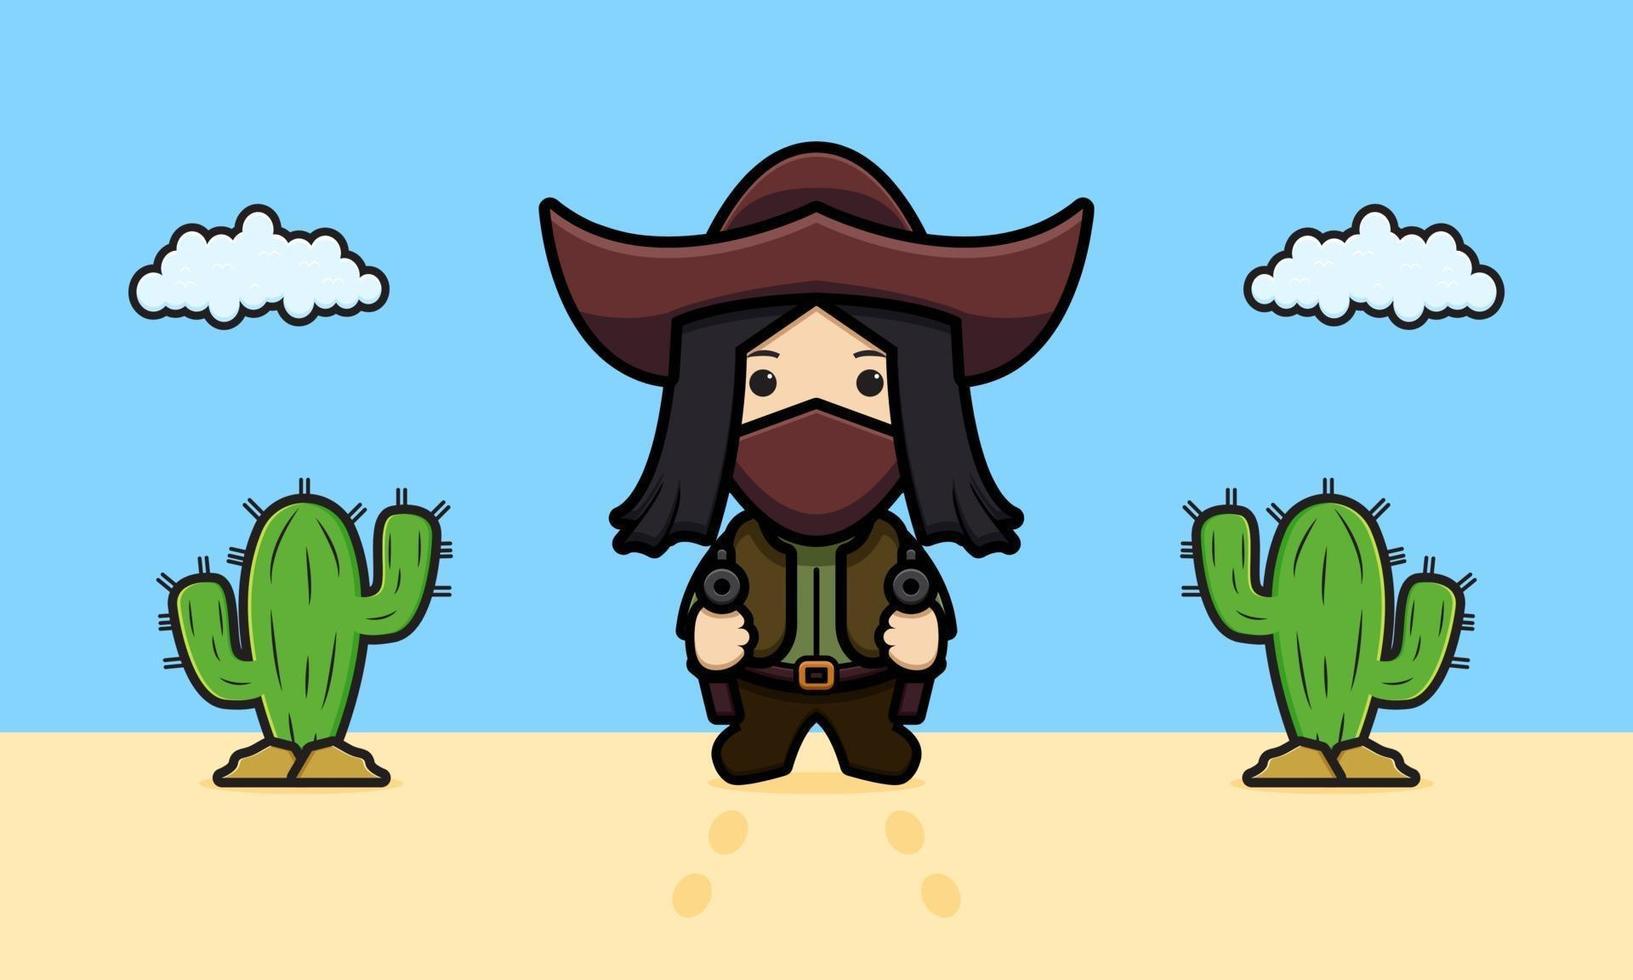 Cowboy fofo no deserto ilustração do ícone dos desenhos animados vetor